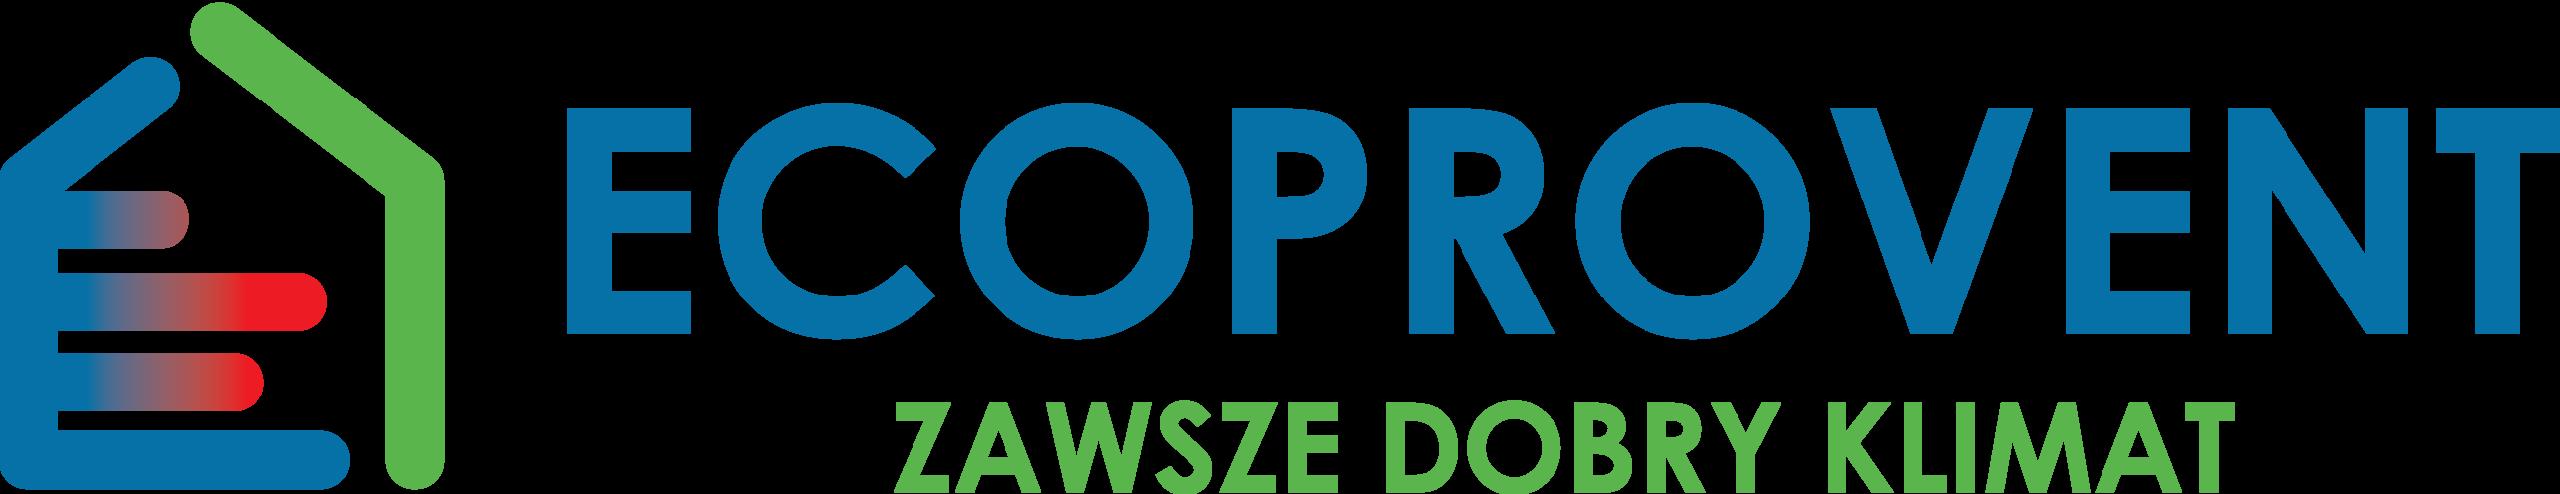 Ecoprovent logo